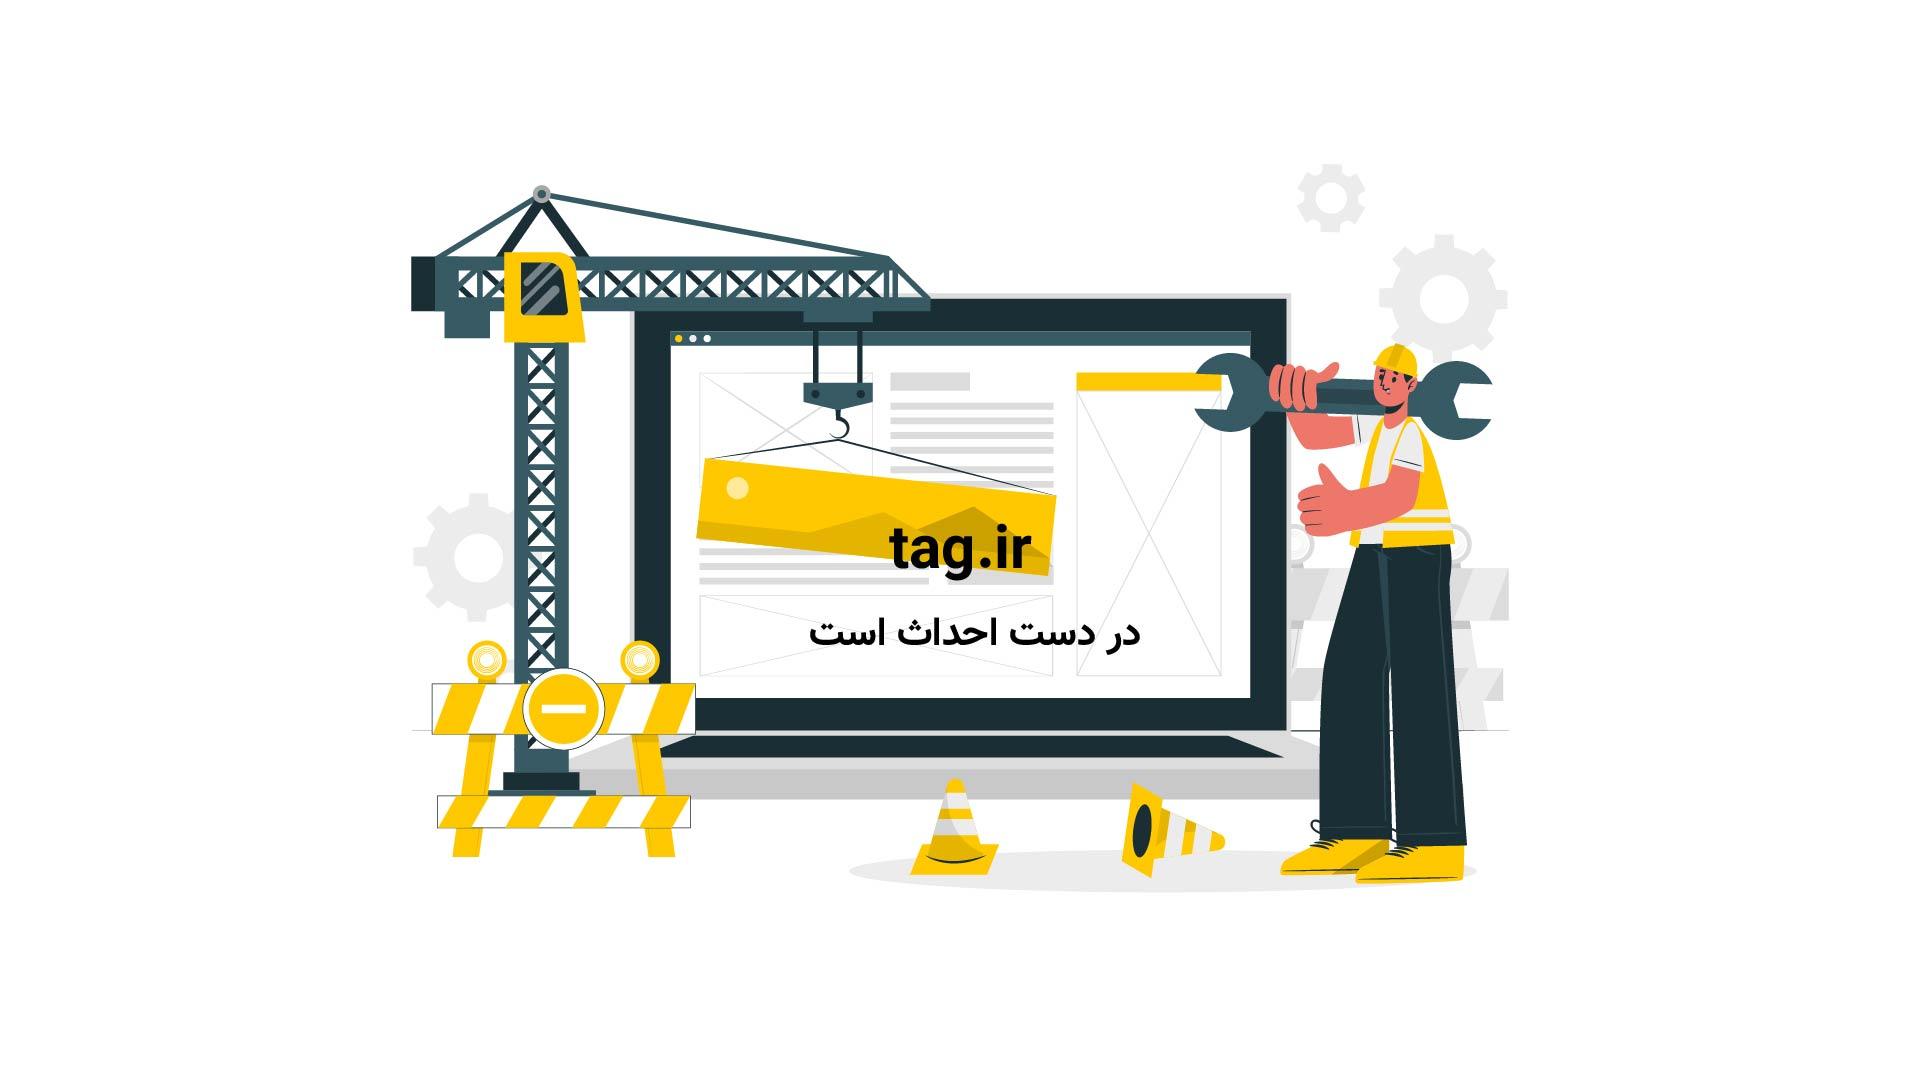 نبرد هیجانانگیز بین دو شیر نر برای قلمرو|تگ